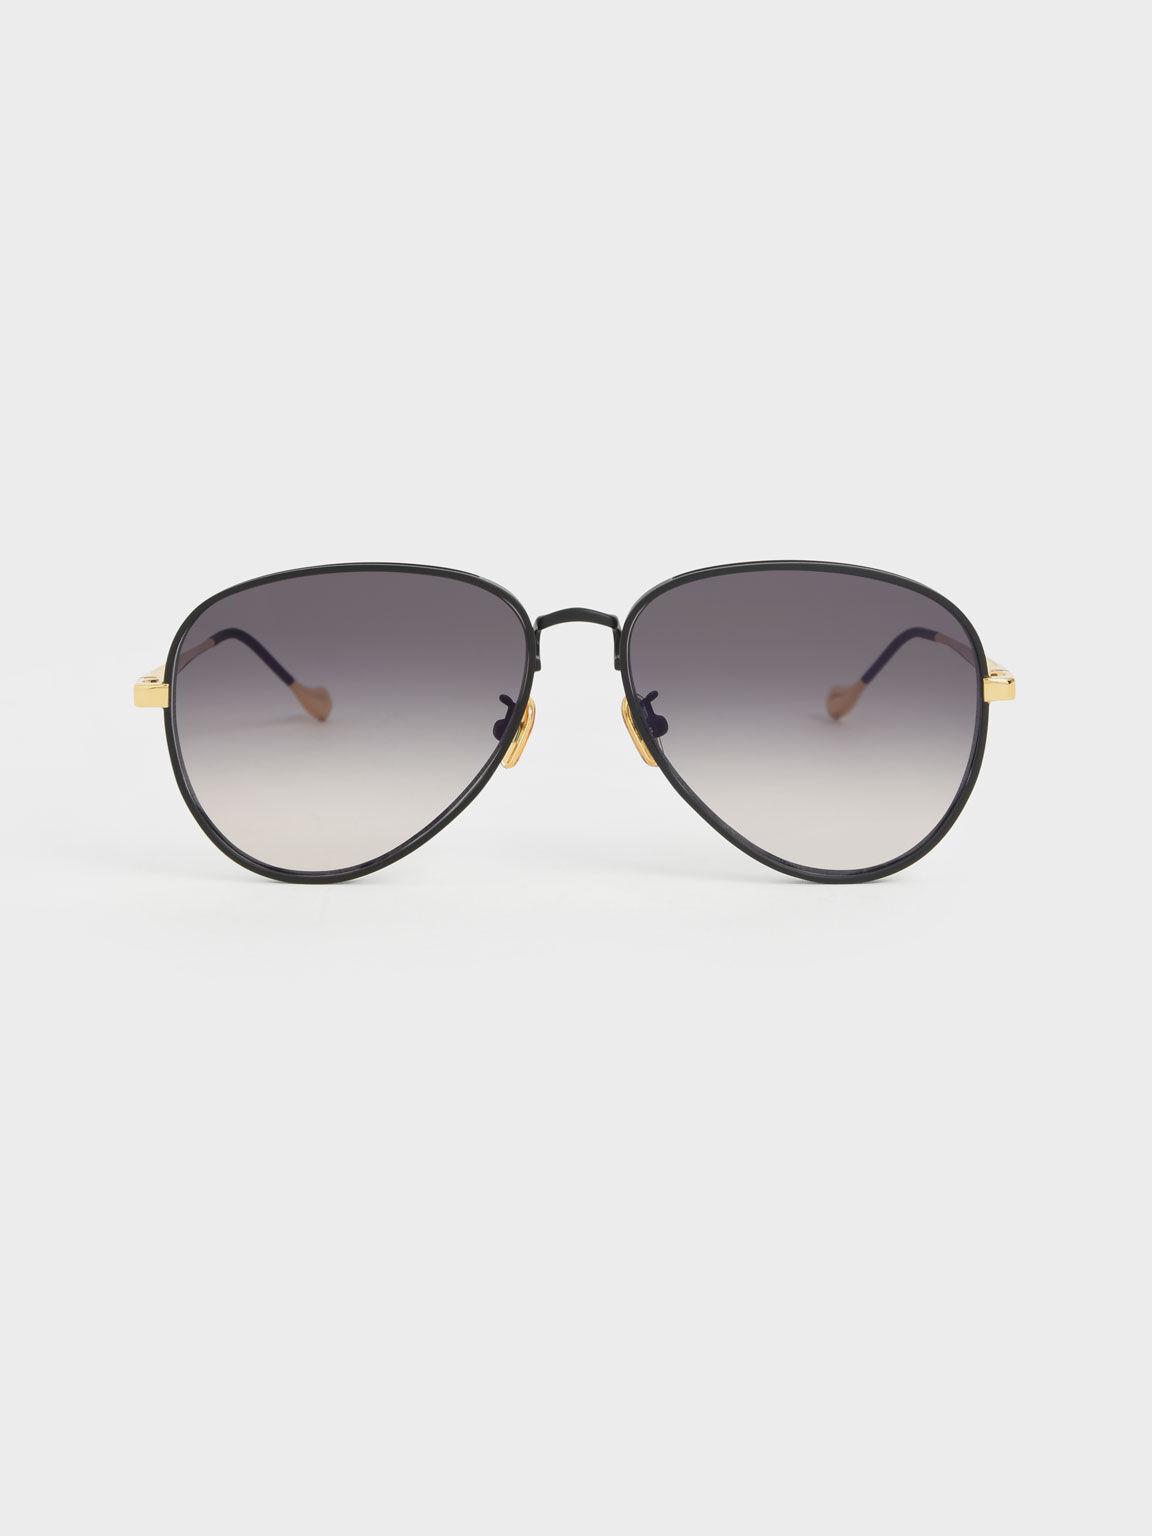 撞色金屬框墨鏡, 黑色, hi-res